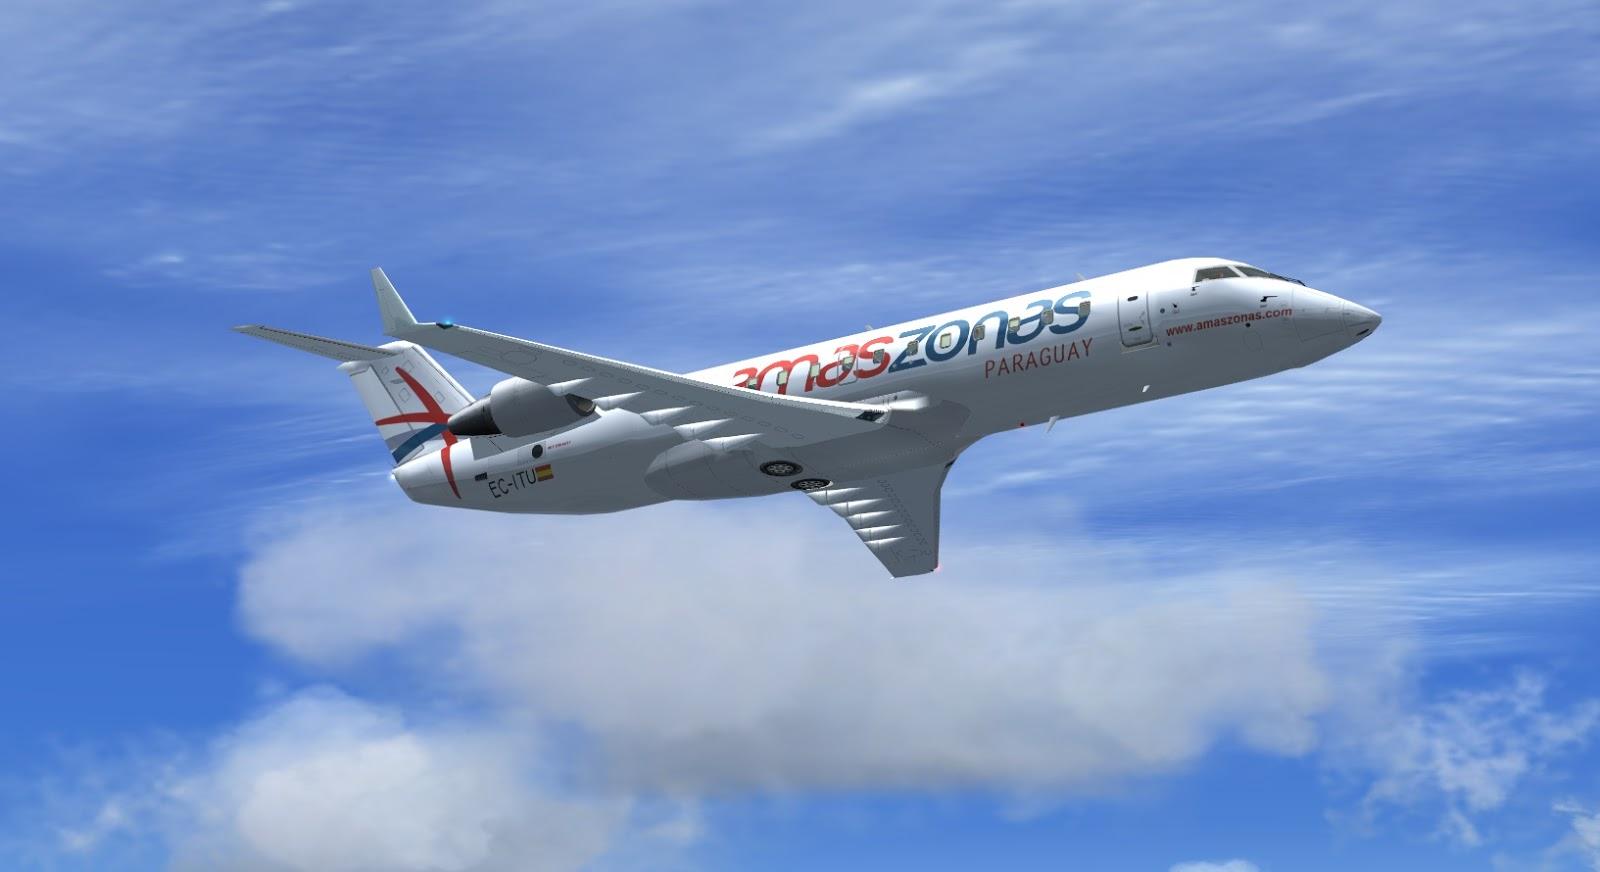 Assunção - Curitiba: Primeiro voo da nova linha internacional